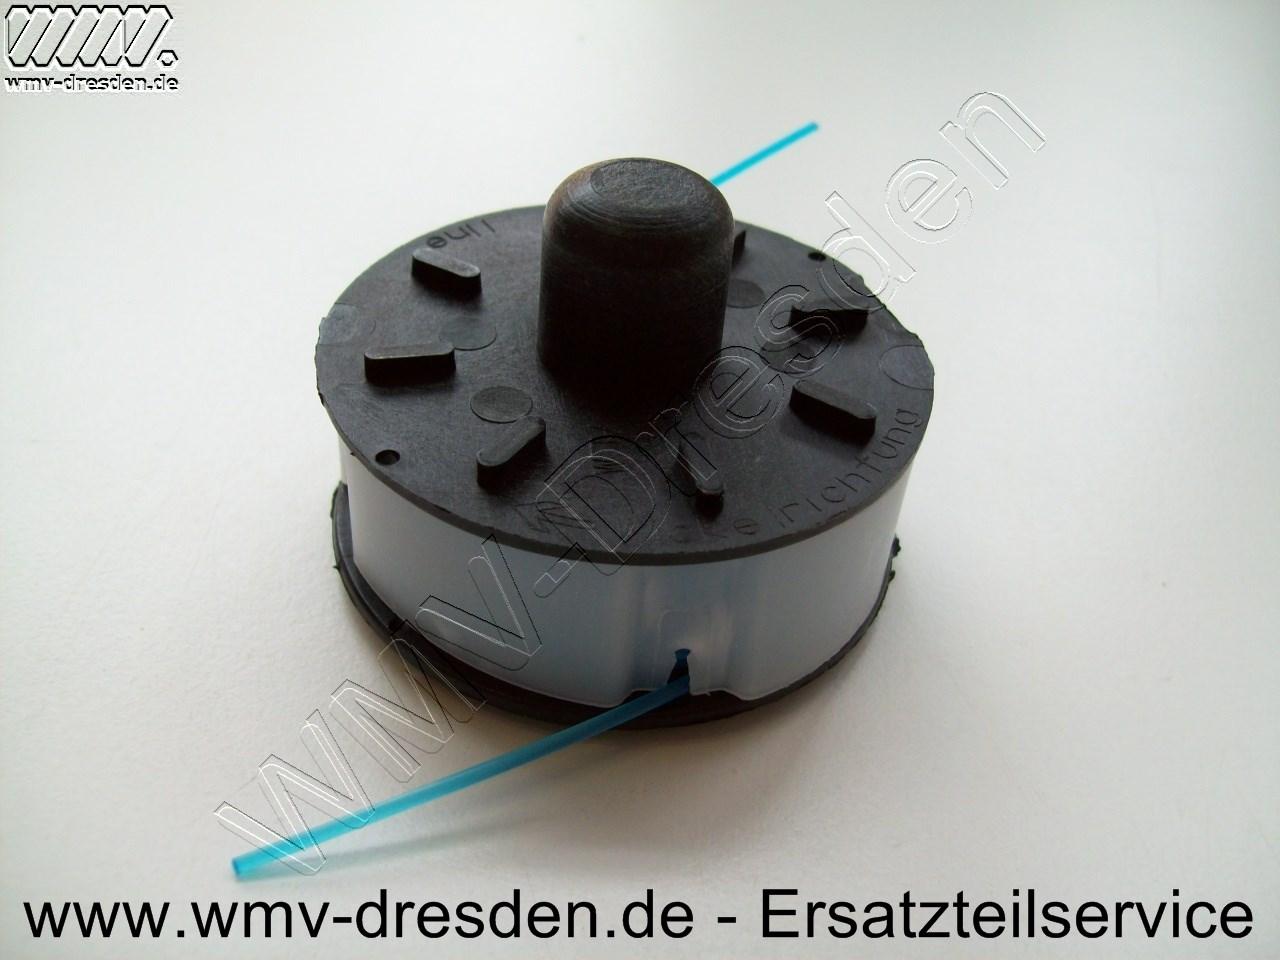 Doppelspule, kpl. für Turbotrimmer classic Cut plus, Art.-Nr. 2403